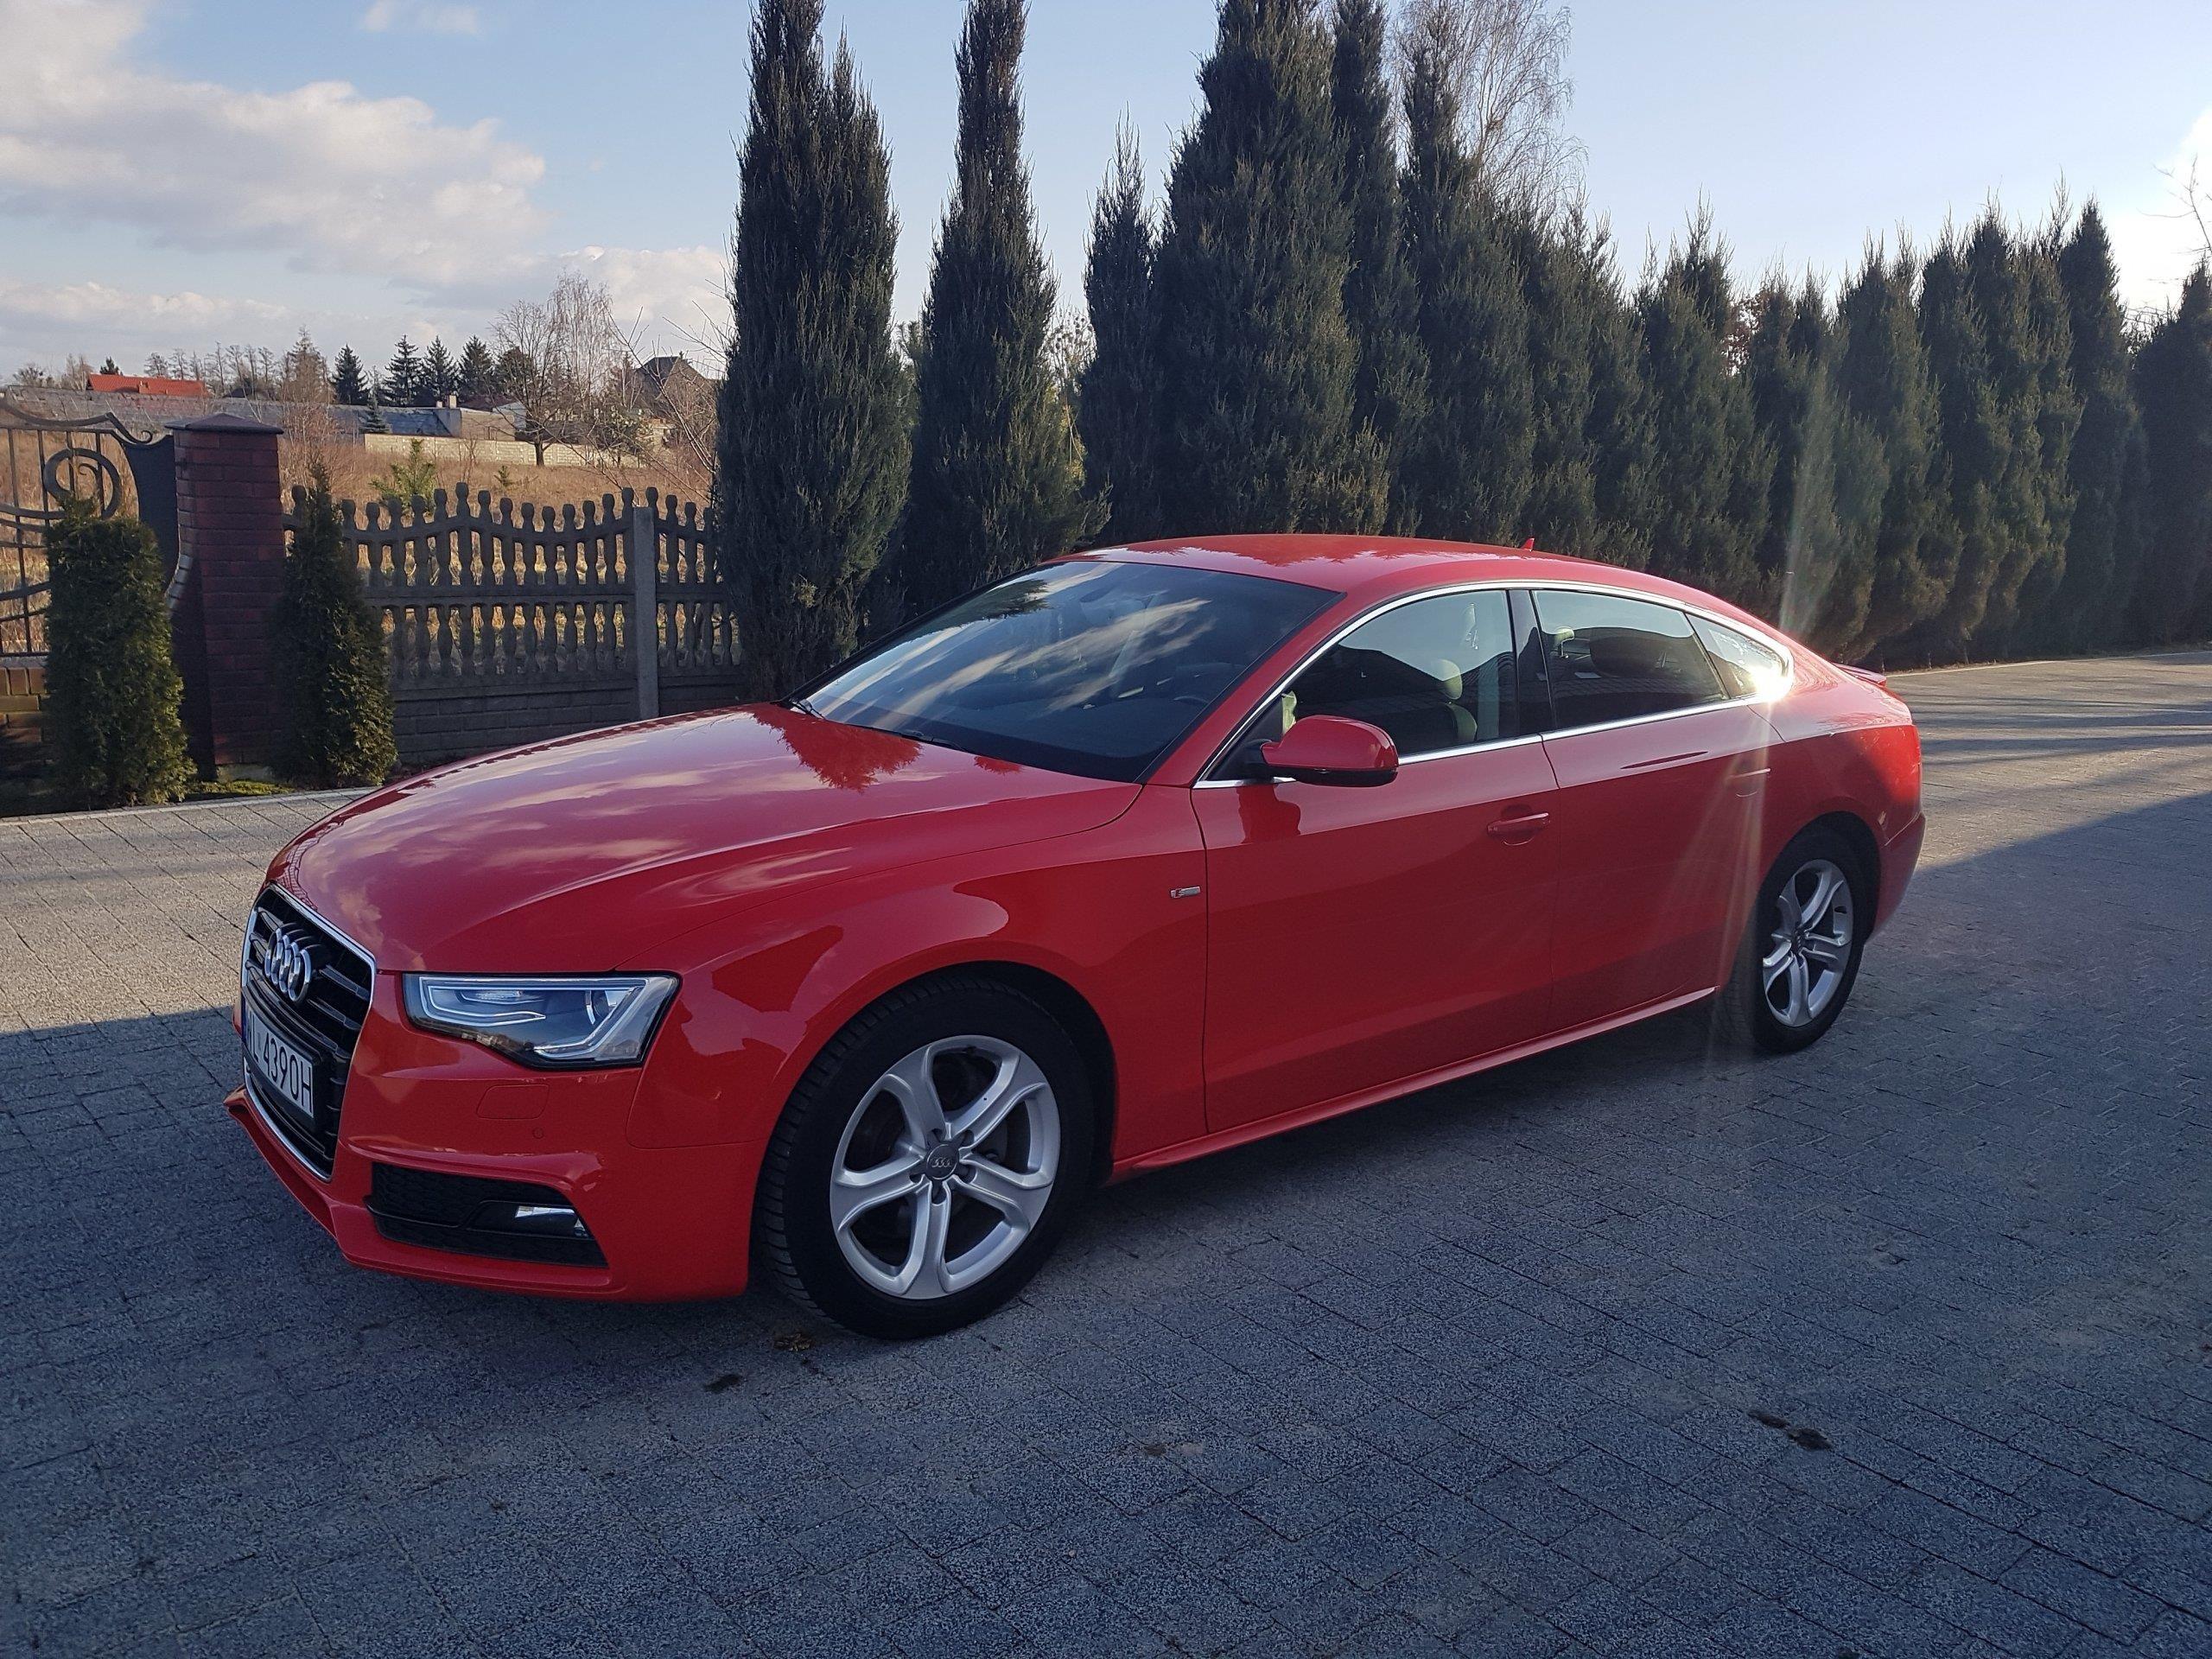 Modne ubrania Audi A5 8T 2012 benzyna 211KM sedan czerwony - Opinie i ceny na GU08